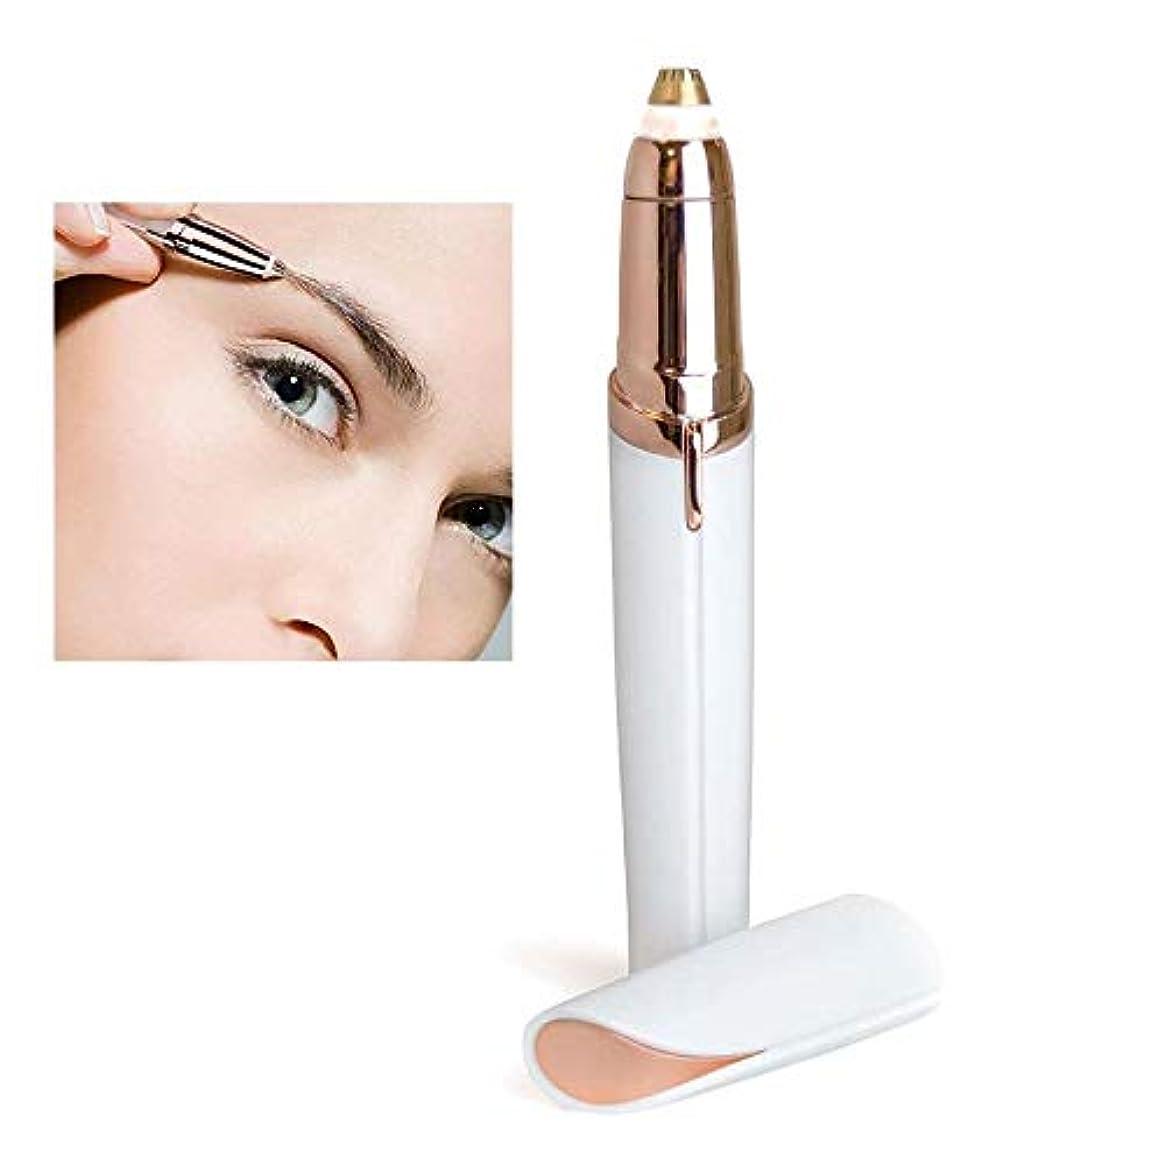 開梱自己尊重センターThread Eyebrows Women Epilator Eyebrow Repair Hair Removal Machine Painless Mini Lipstick Epilator Hair Removal...